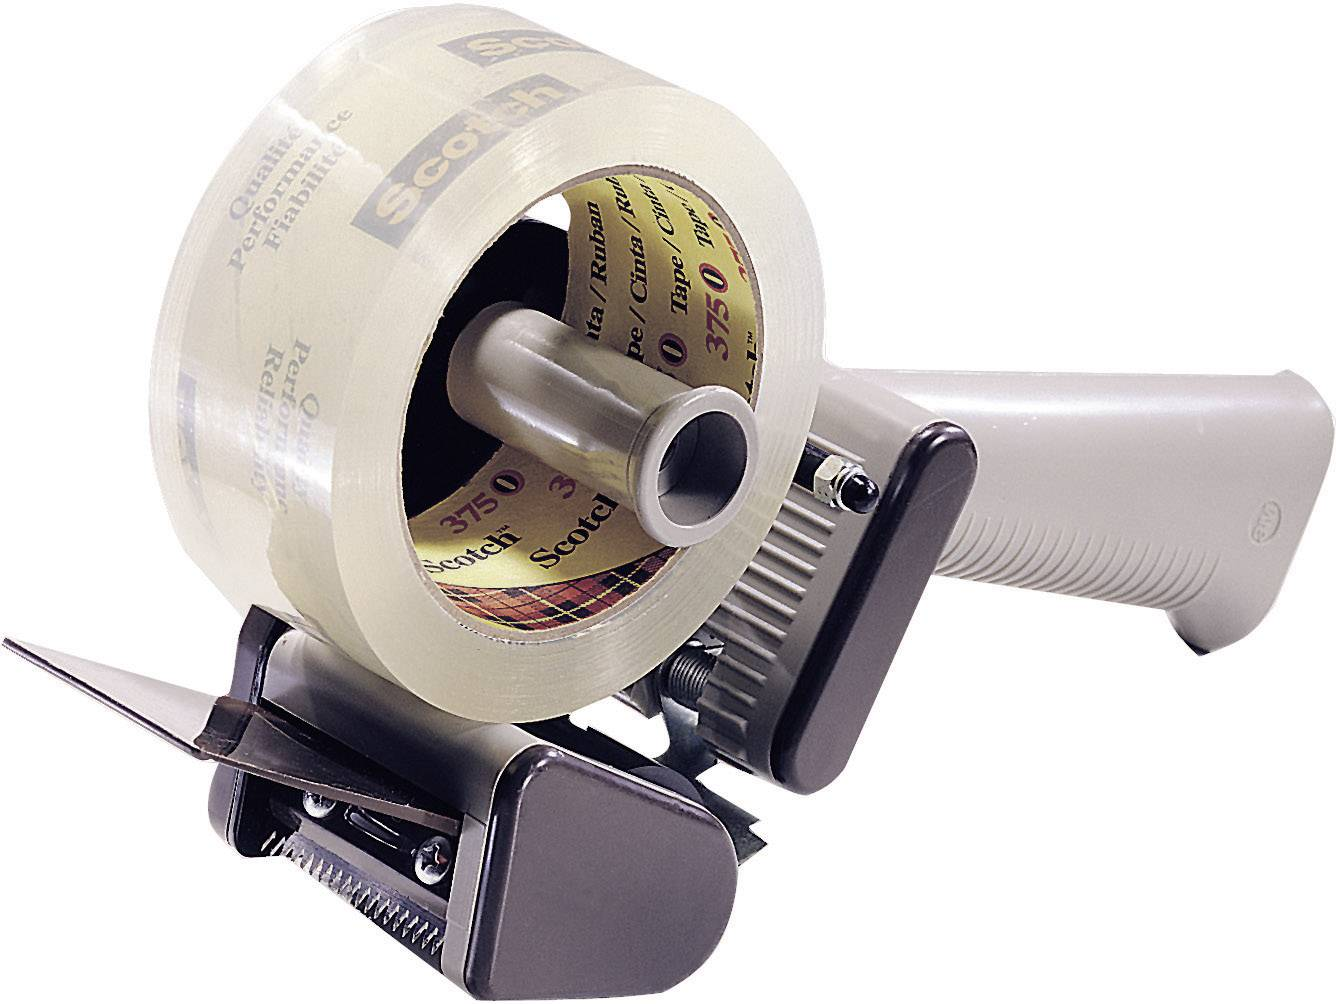 Ručný odvíjač na lepiacu pásku 3M H150;78-8114-0947-9, 50 mm, 66 m